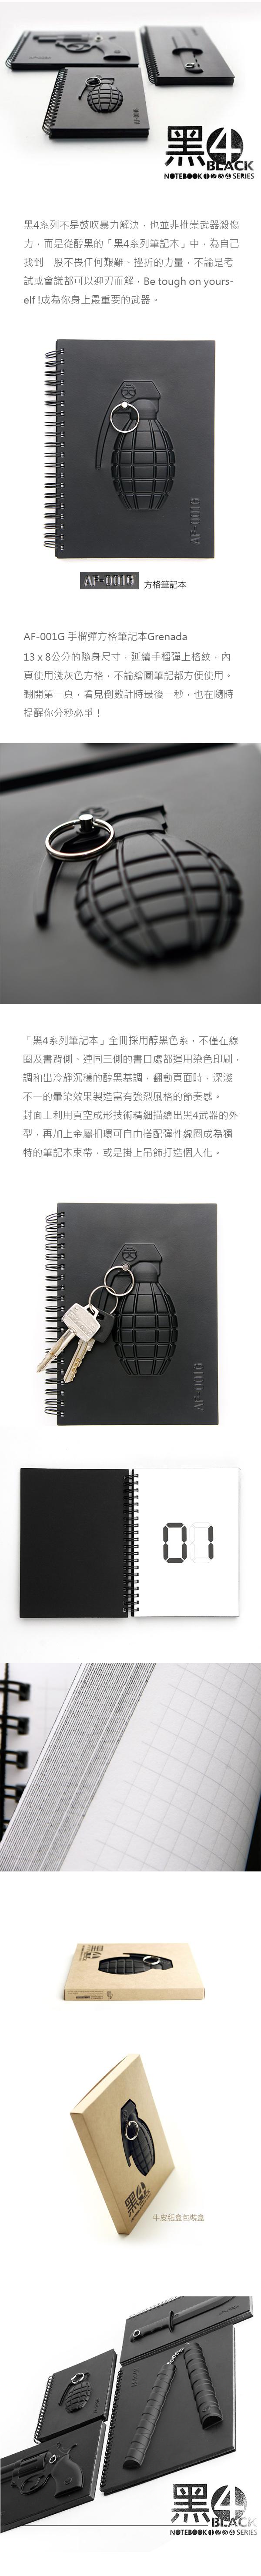 天晴設計 手榴彈方格筆記本